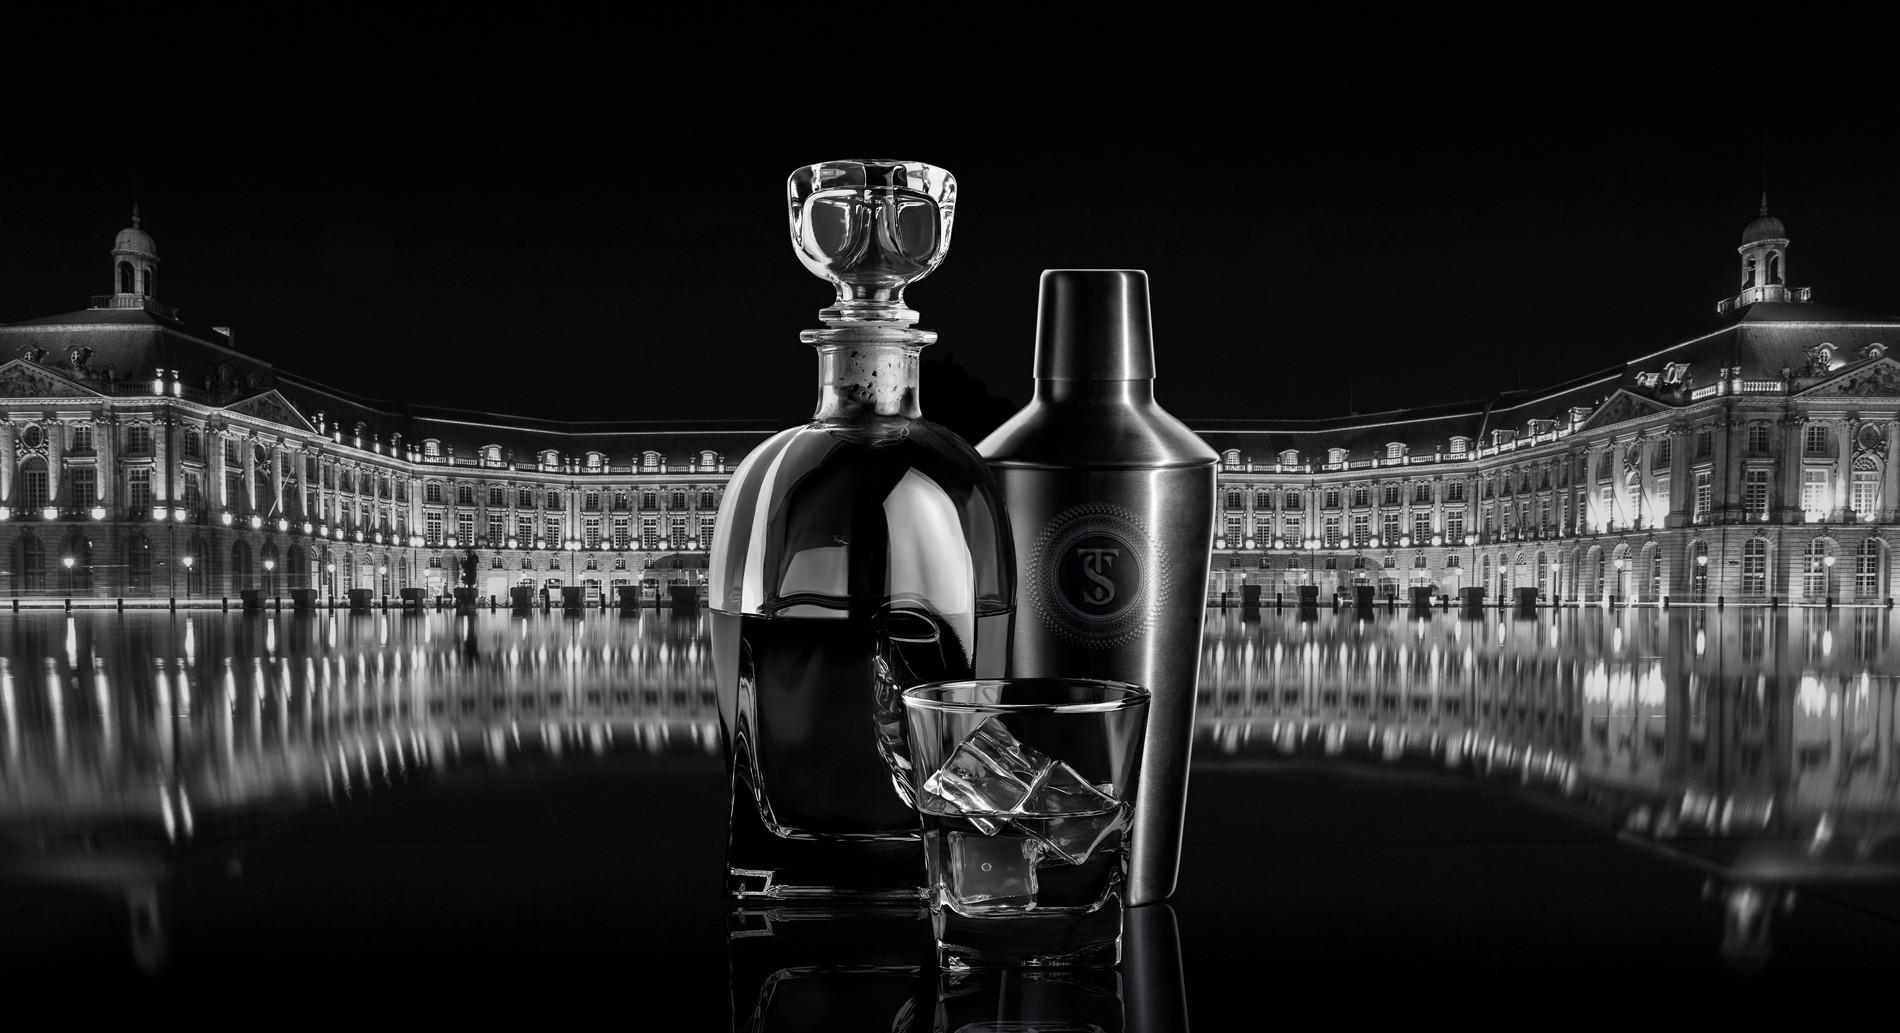 Le 1 er salon Trend Spirits se déroulera au Palais de la Bourse de Bordeaux les 13 et 14 octobre 2019